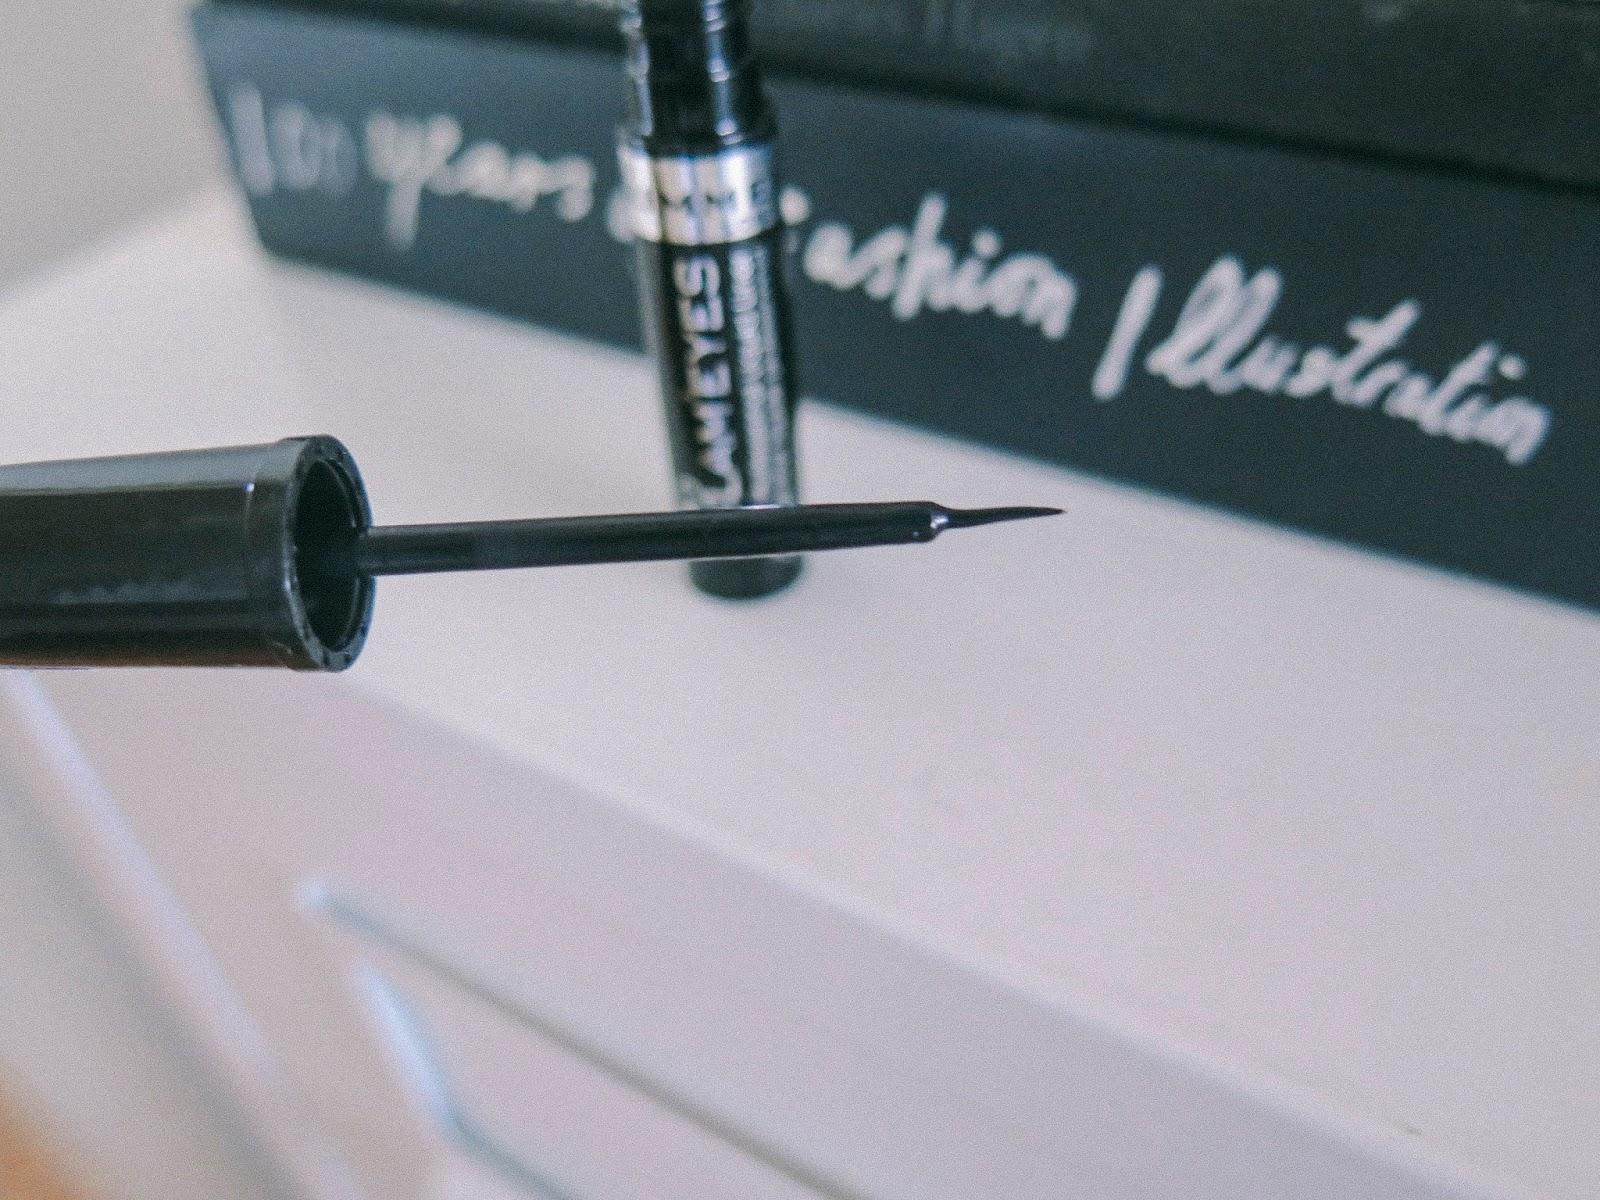 657b5531e10 Professional Liquid Eyeliner Glam'Eyes para arriscar um bocadinho. A  duração é prolongada e o pincel de ponta fina ajuda a criar uma linha  precisa.